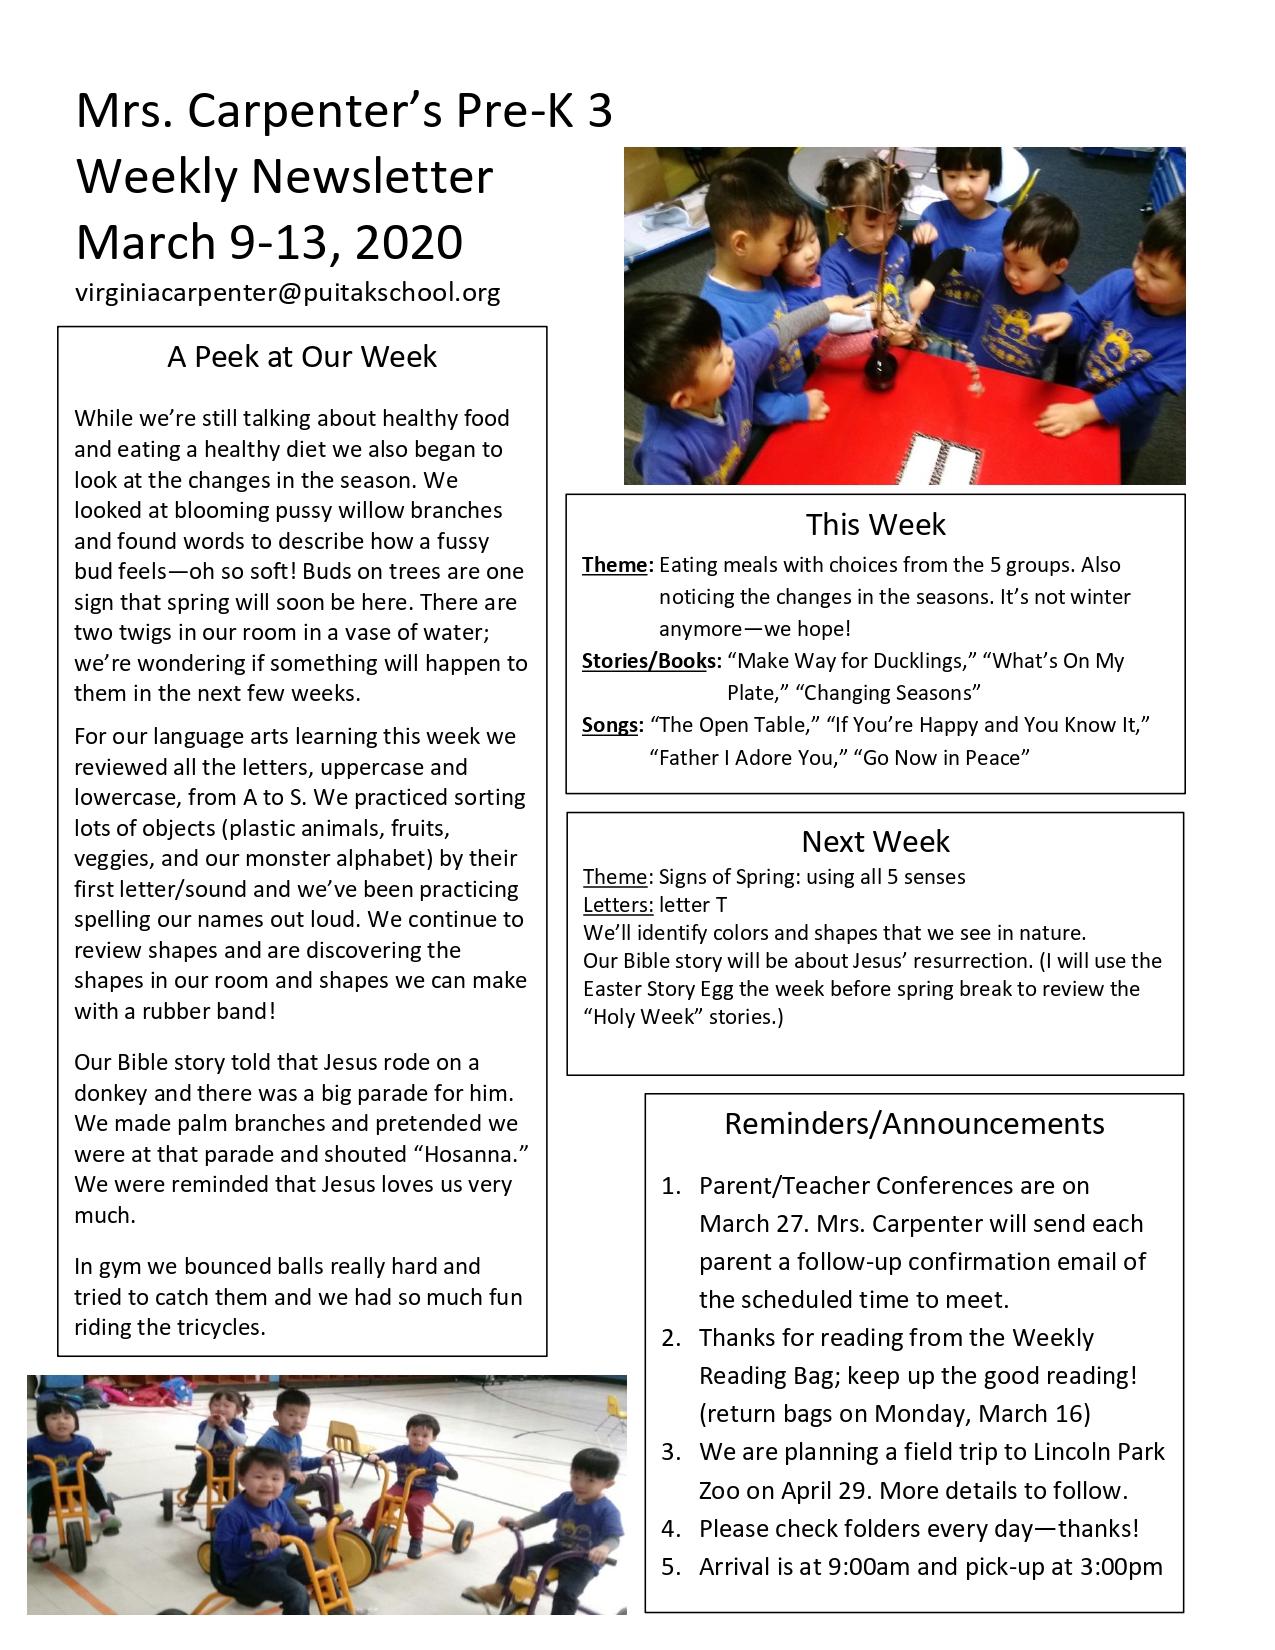 GinnyNewsletter2020March2ndWeek_page-000